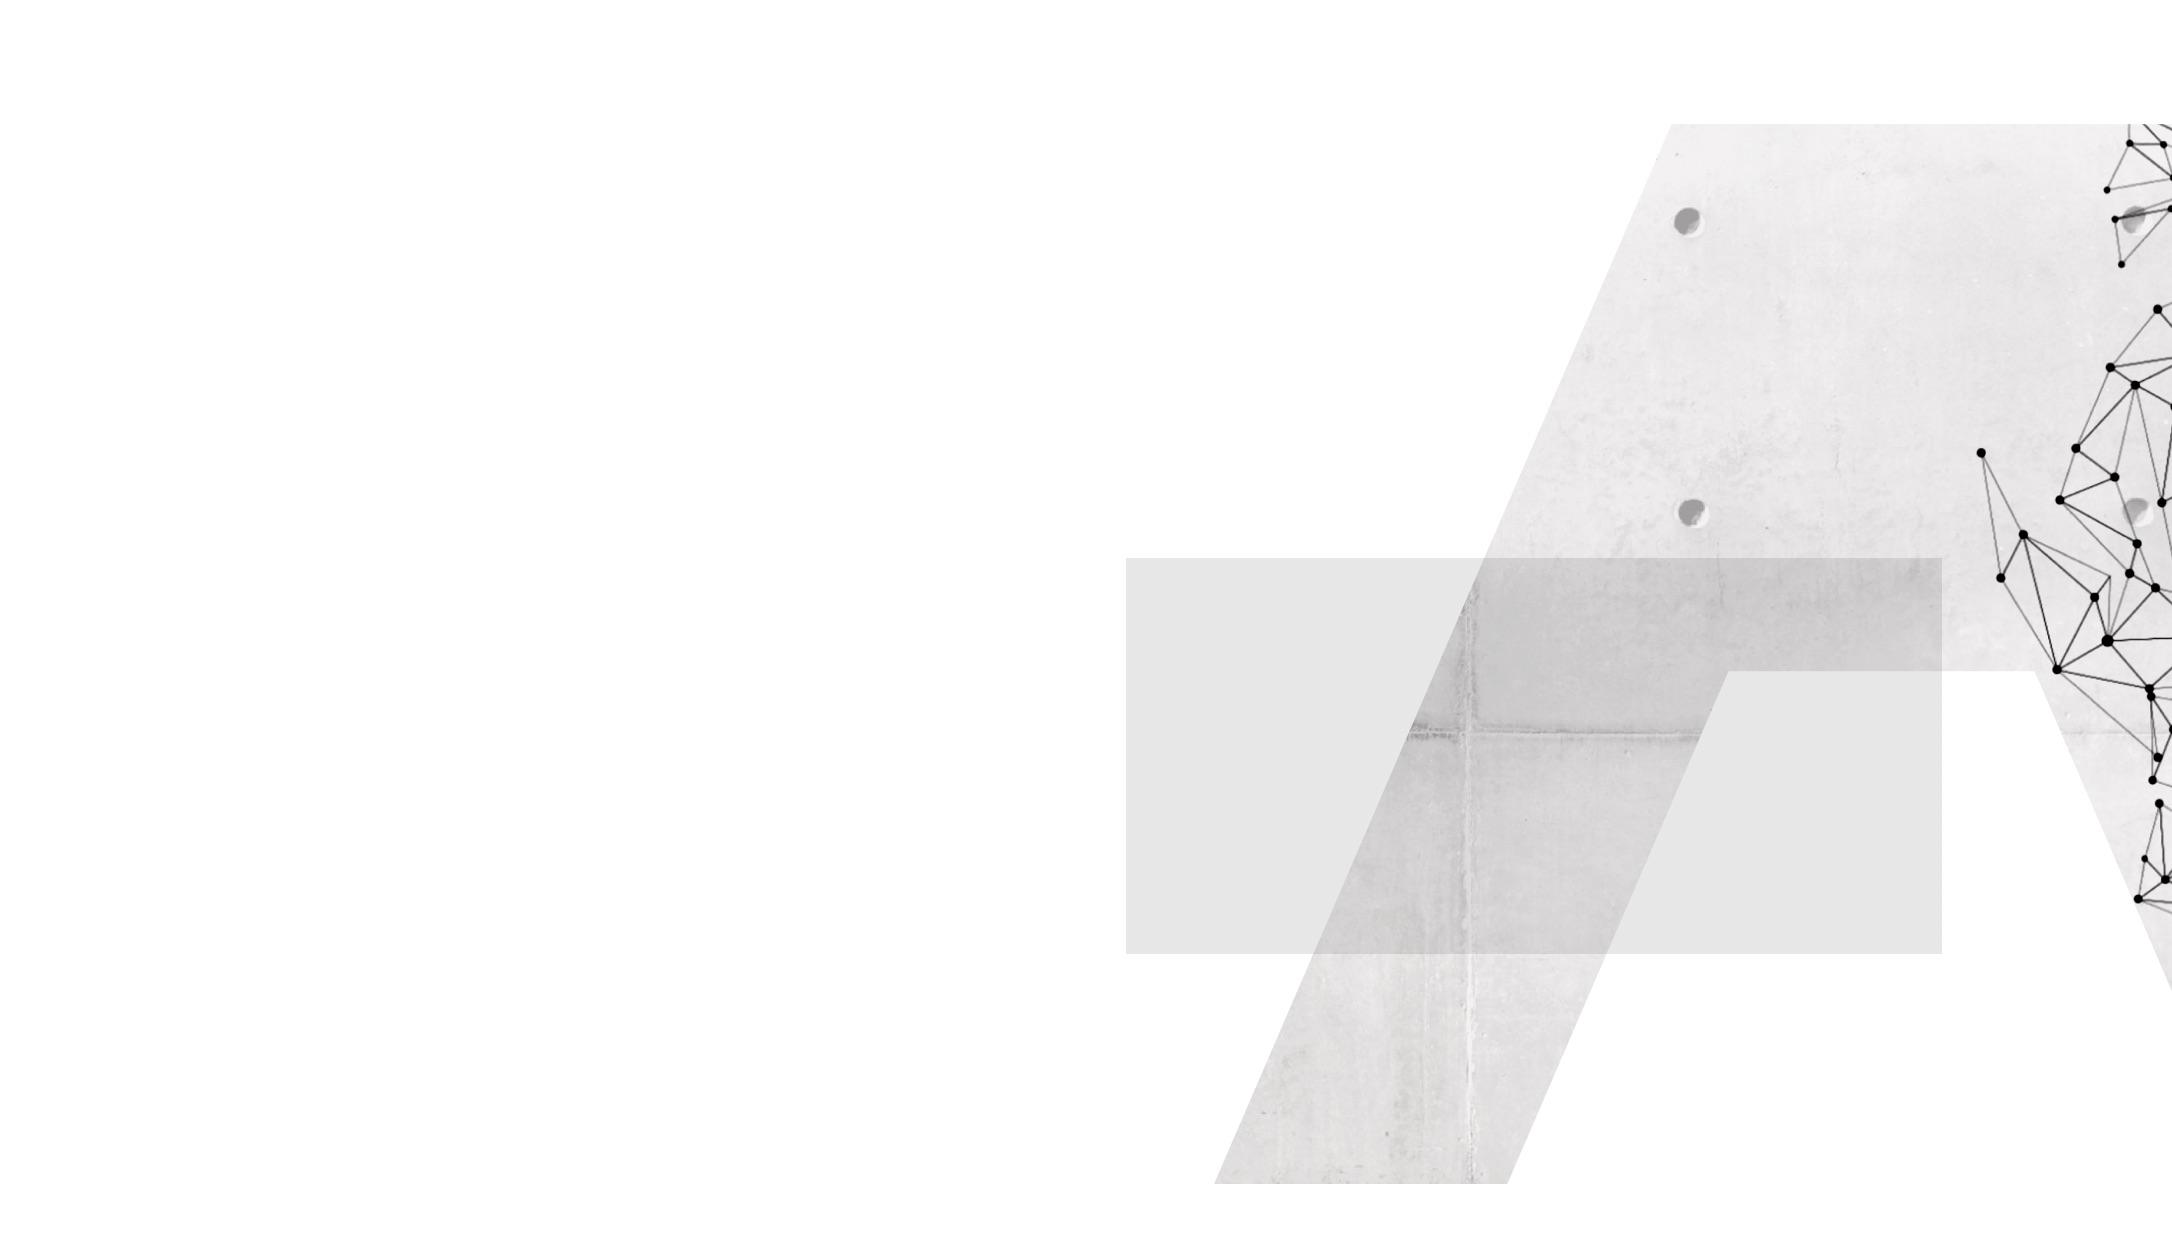 Alasco - Background Mood Image